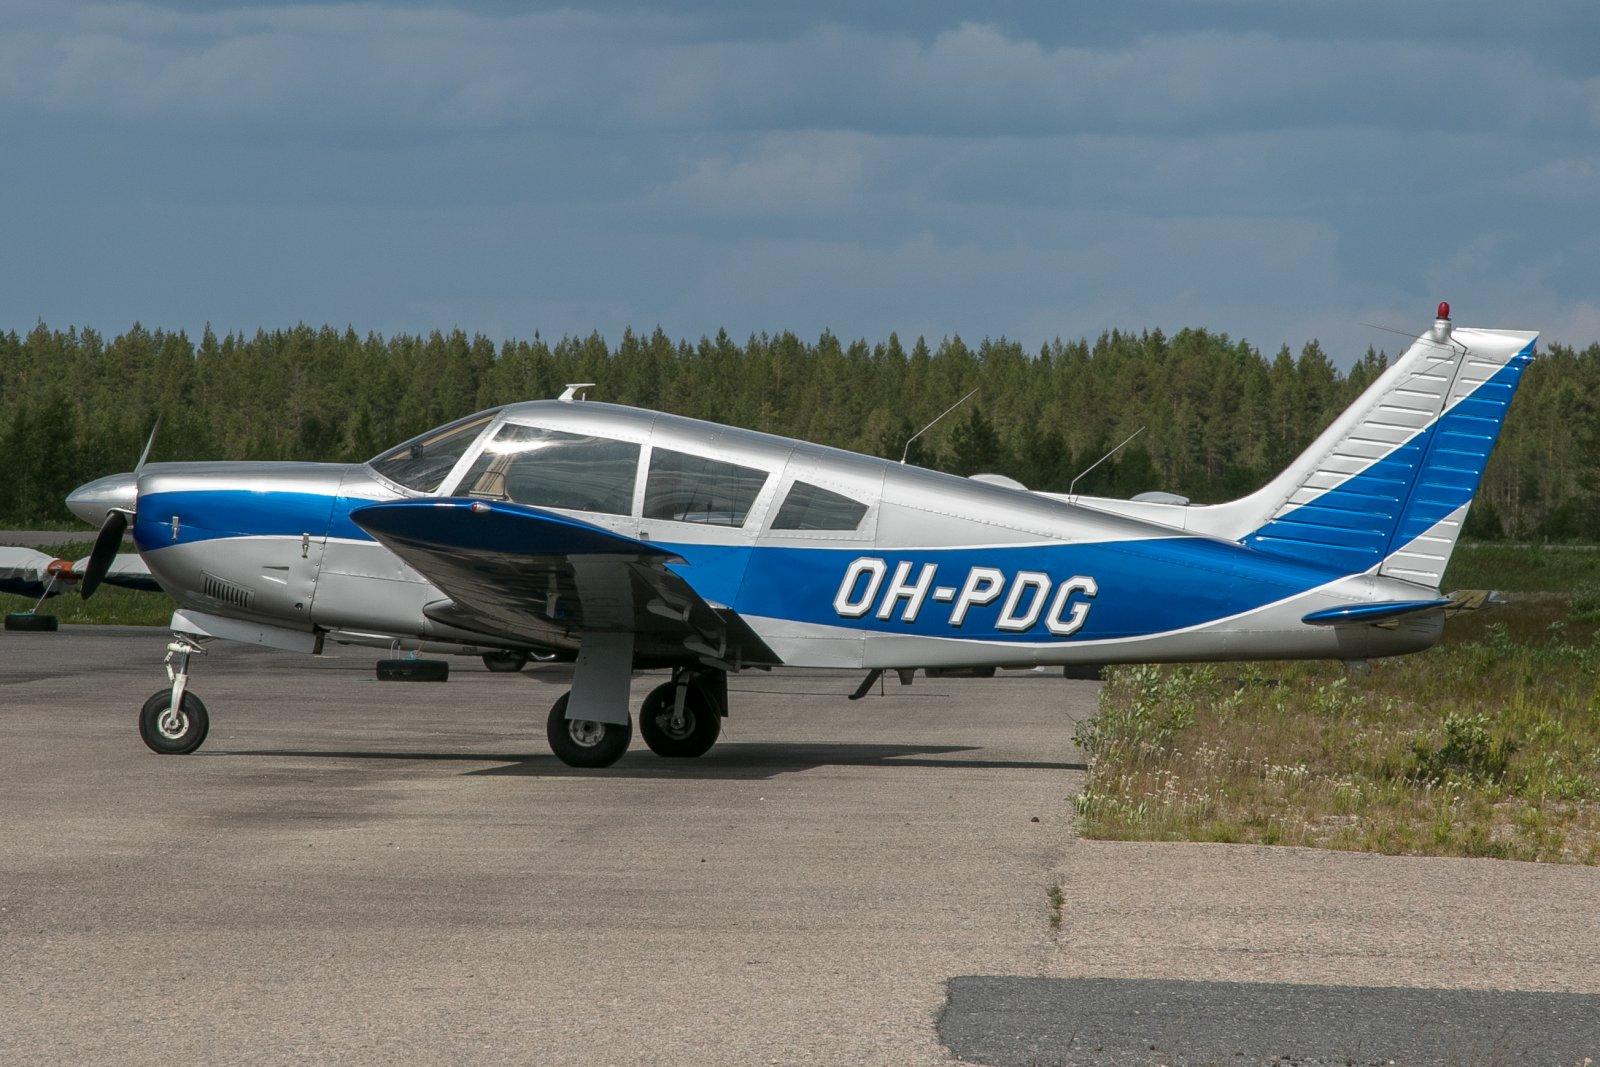 OH-PDG. Piper PA-28R-200 ArrowII. 18.6.2019 Pudasjärven lentokentällä kuvattuna.